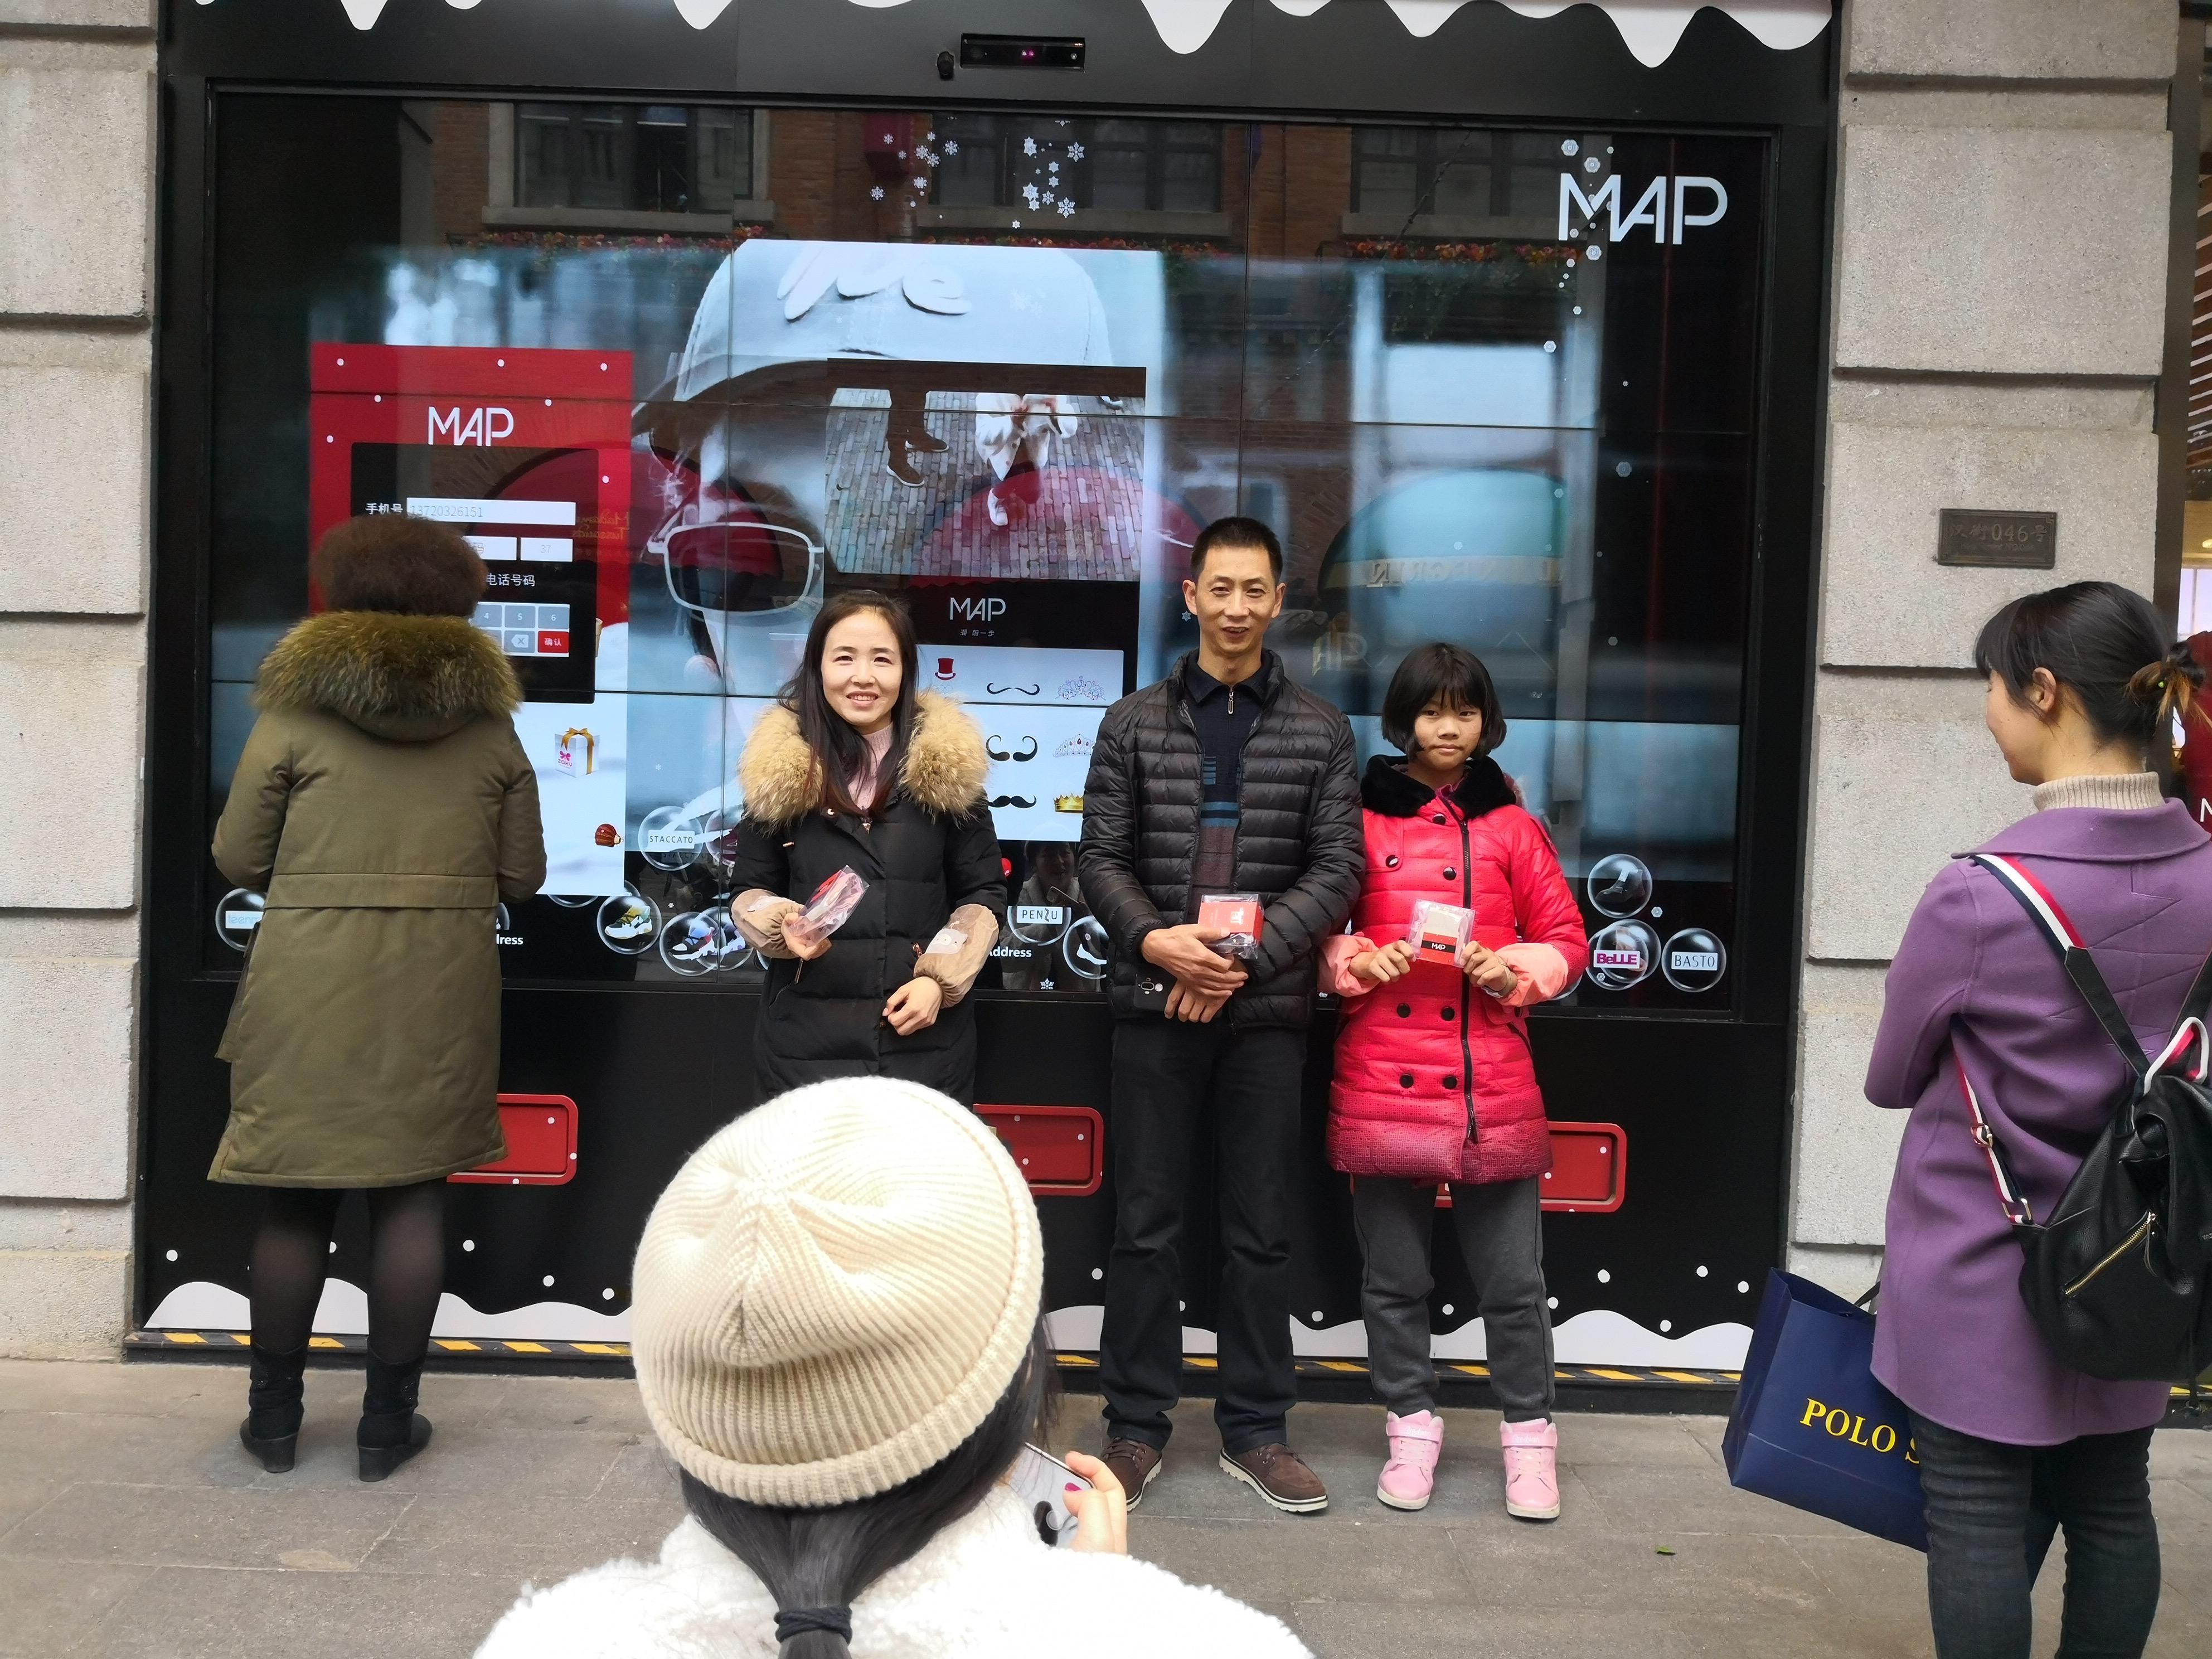 超級智慧櫥窗-百麗武漢楚河漢街MAP旗艦店小游戲獲獎禮品自動發放